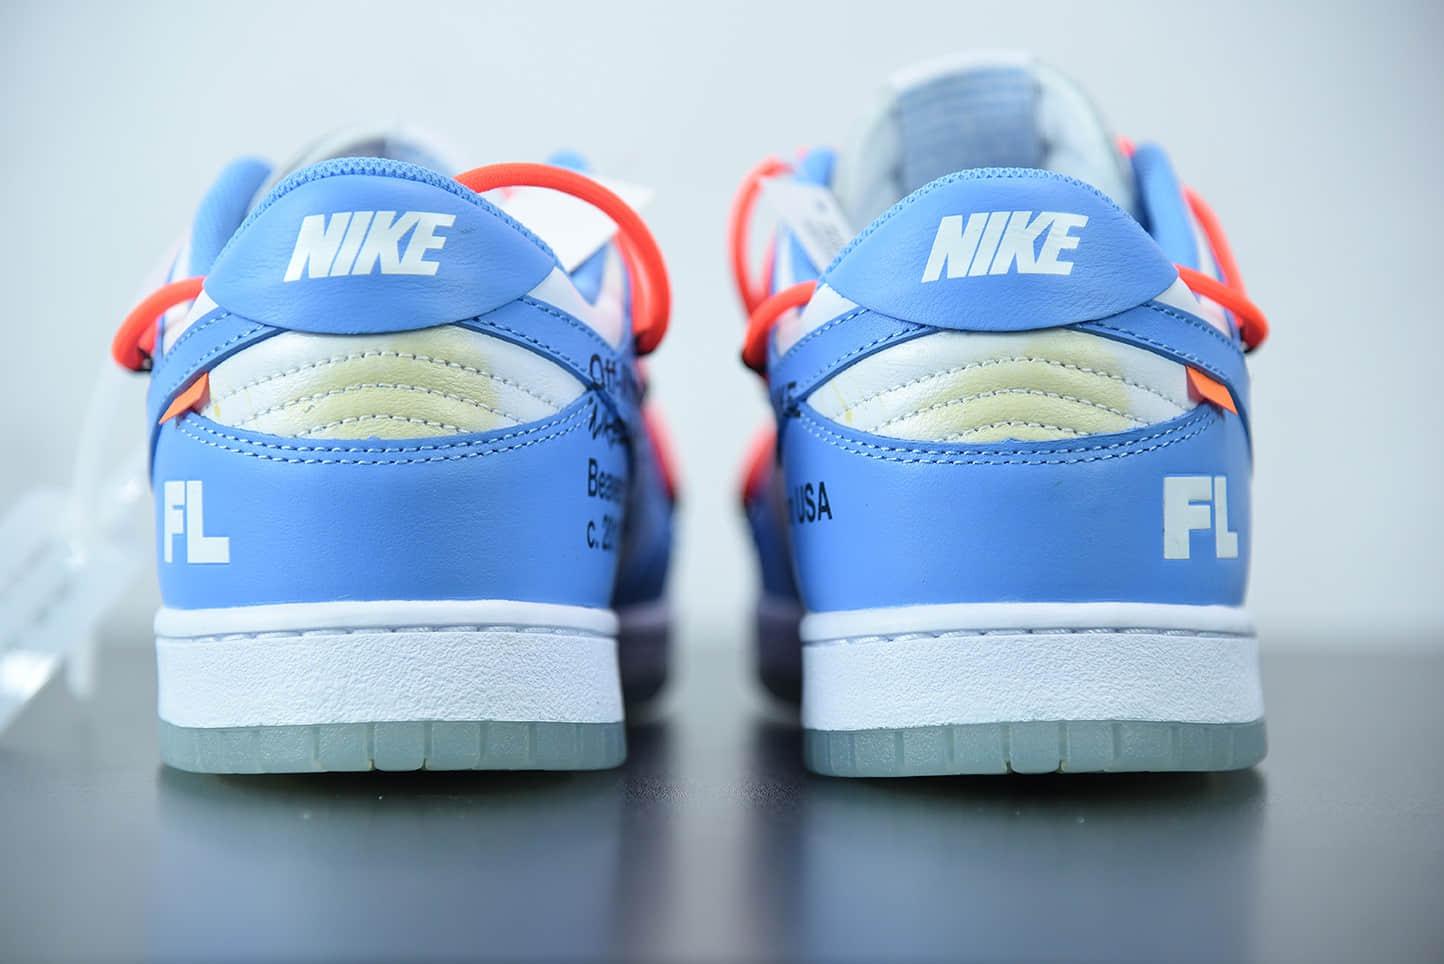 耐克Off-White x Futura x Dunk OW Coast 联名款北卡蓝配色复古滑板鞋纯原版本 货号:DD0856-403